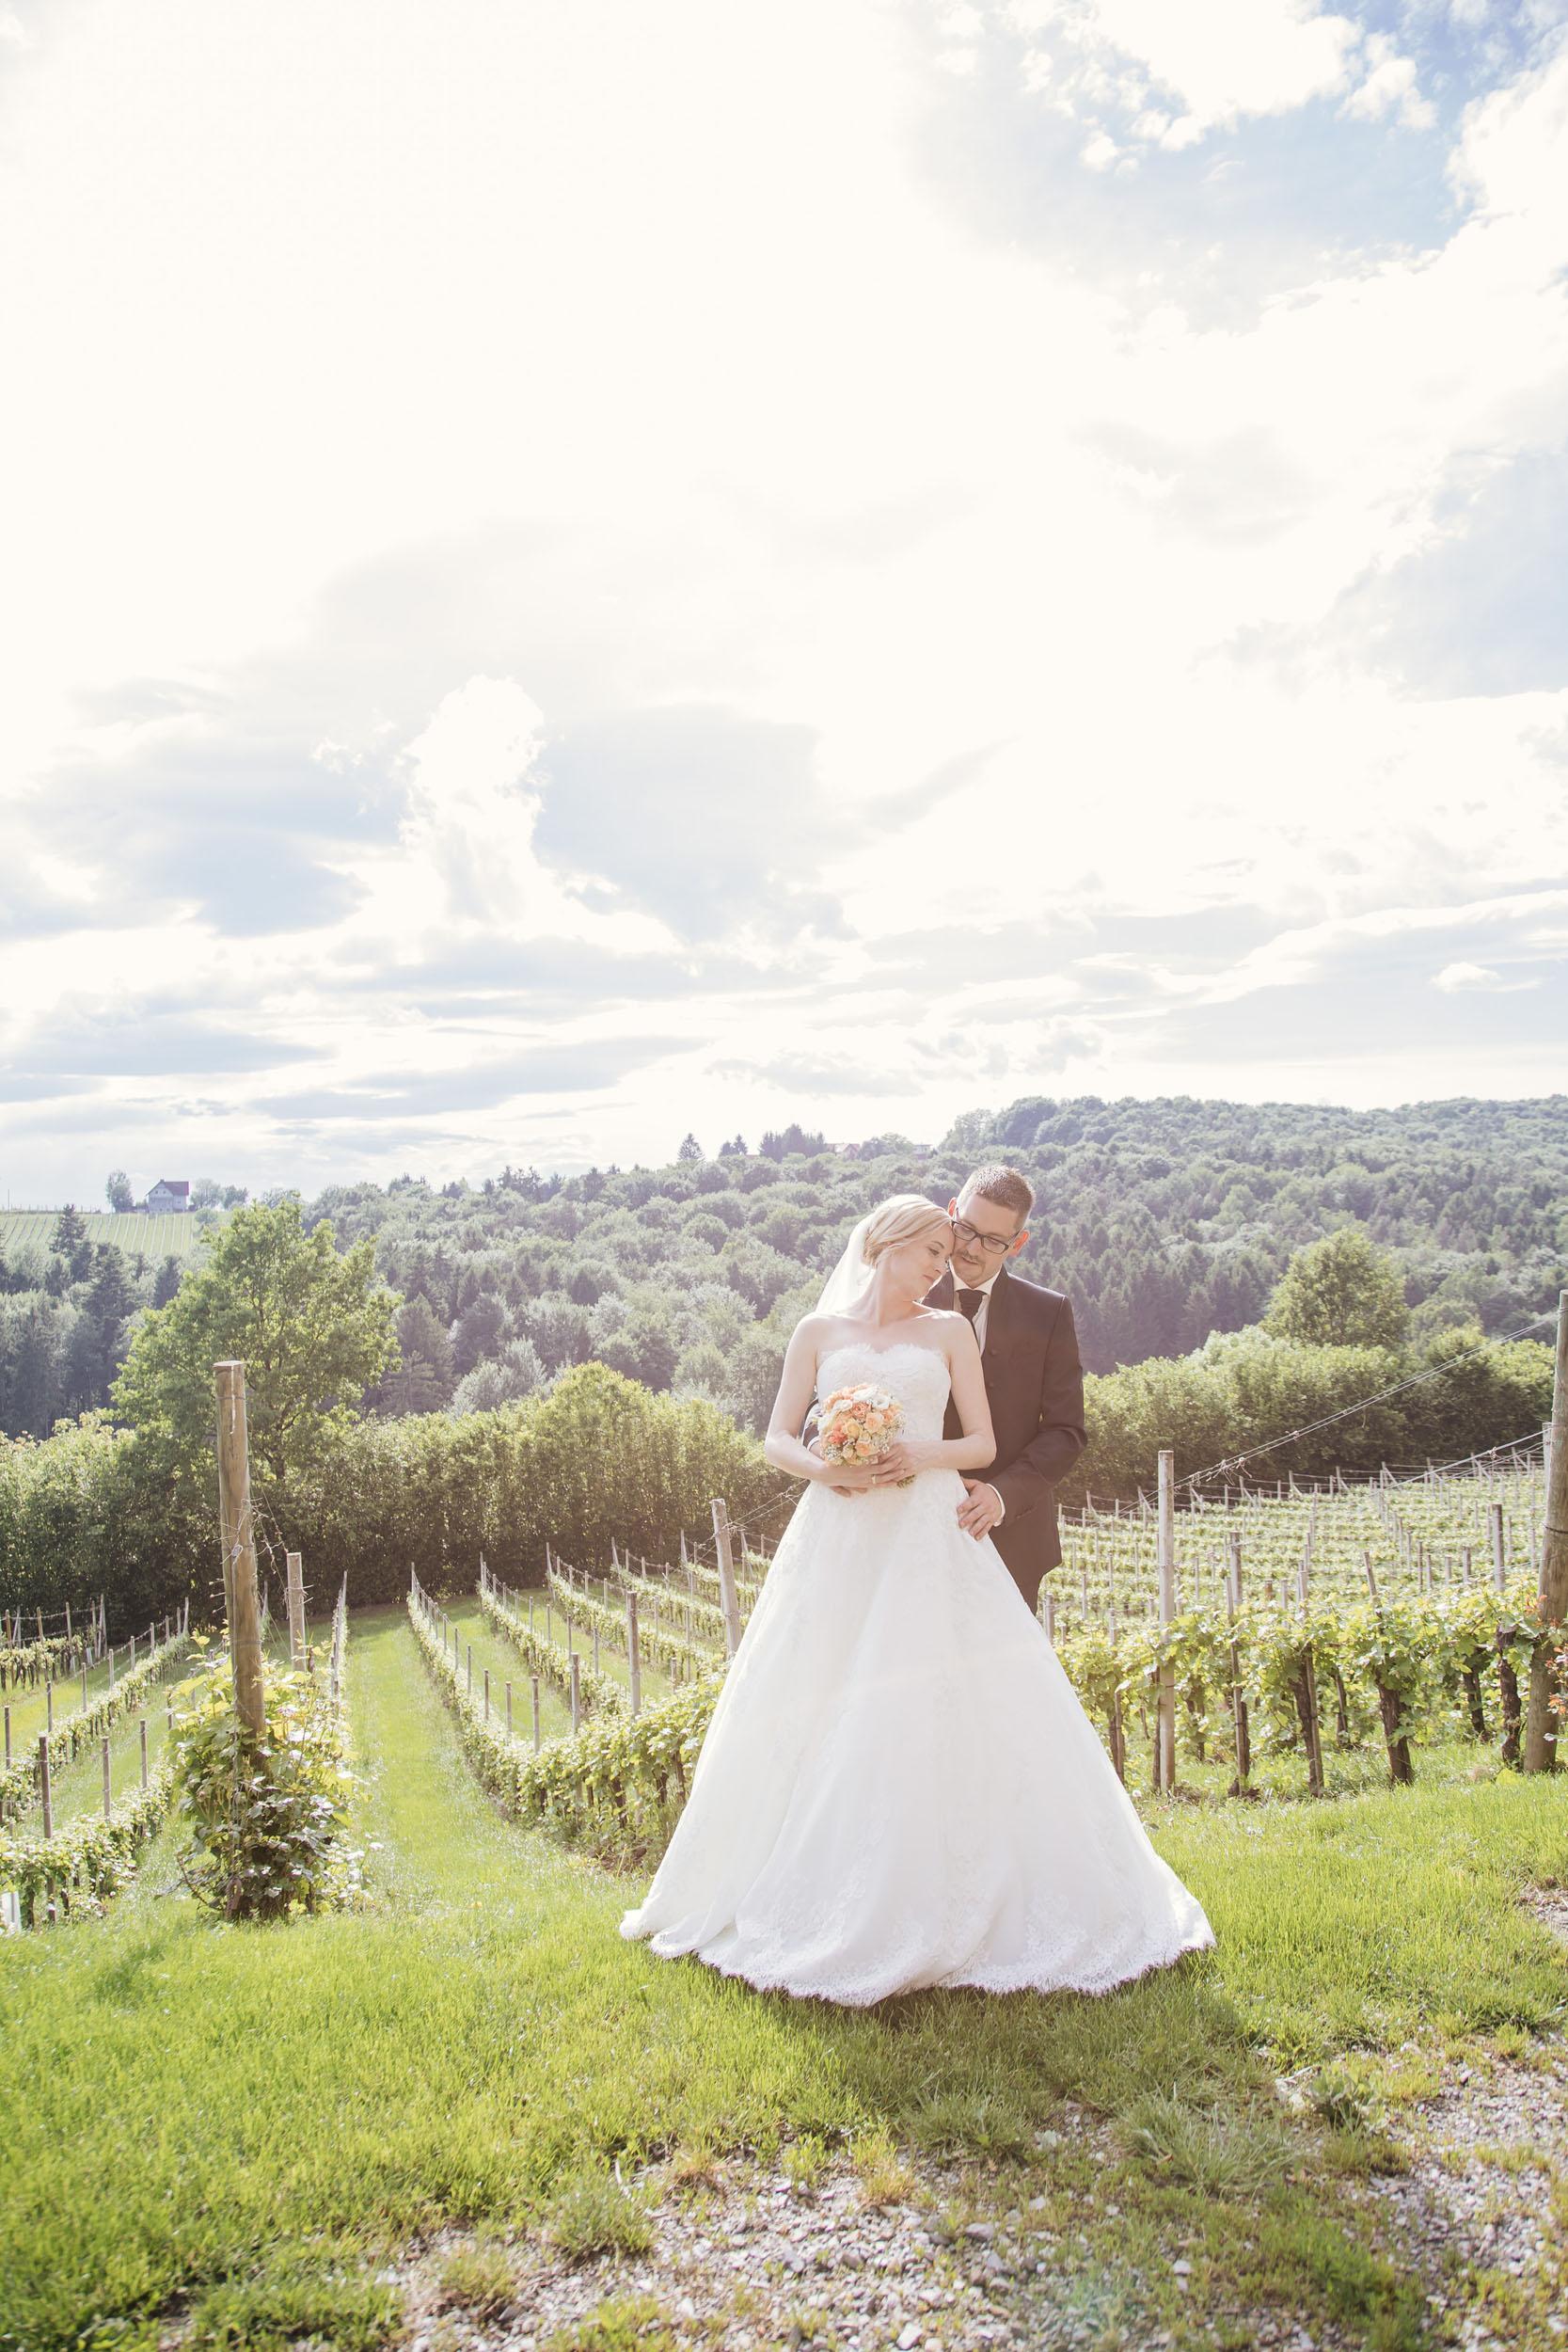 Christine & Robert - im Weingarten